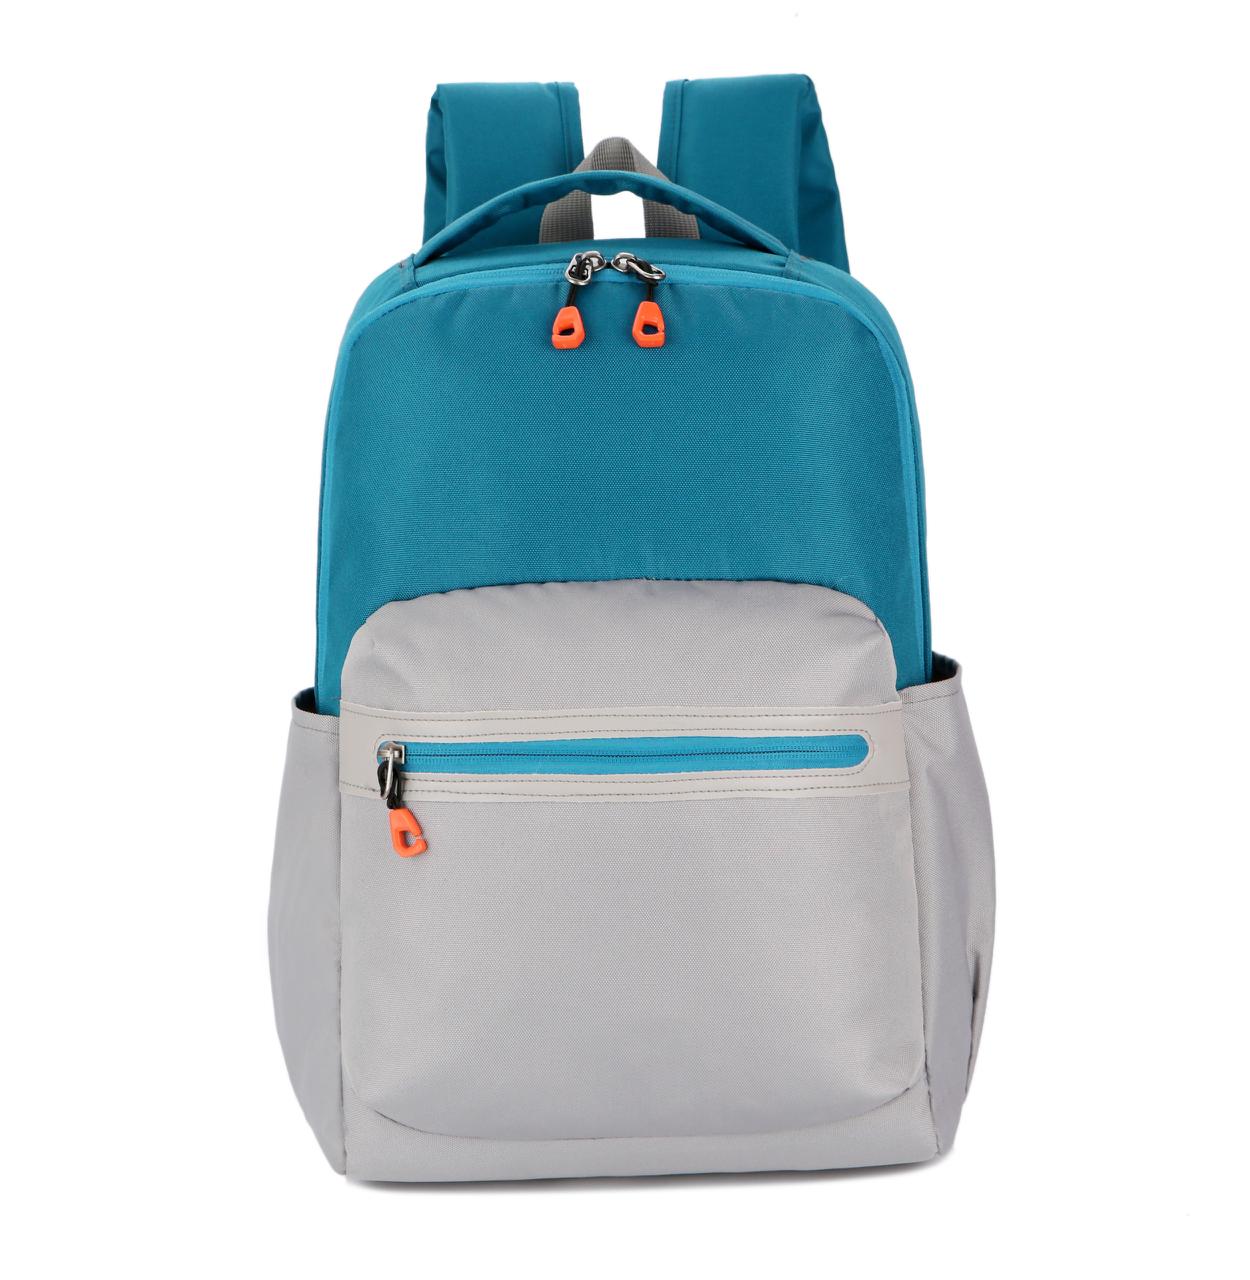 2021活動禮品 牛年鴻運背包雙肩包卡通書包W來樣加工定制儀器包各類箱包袋